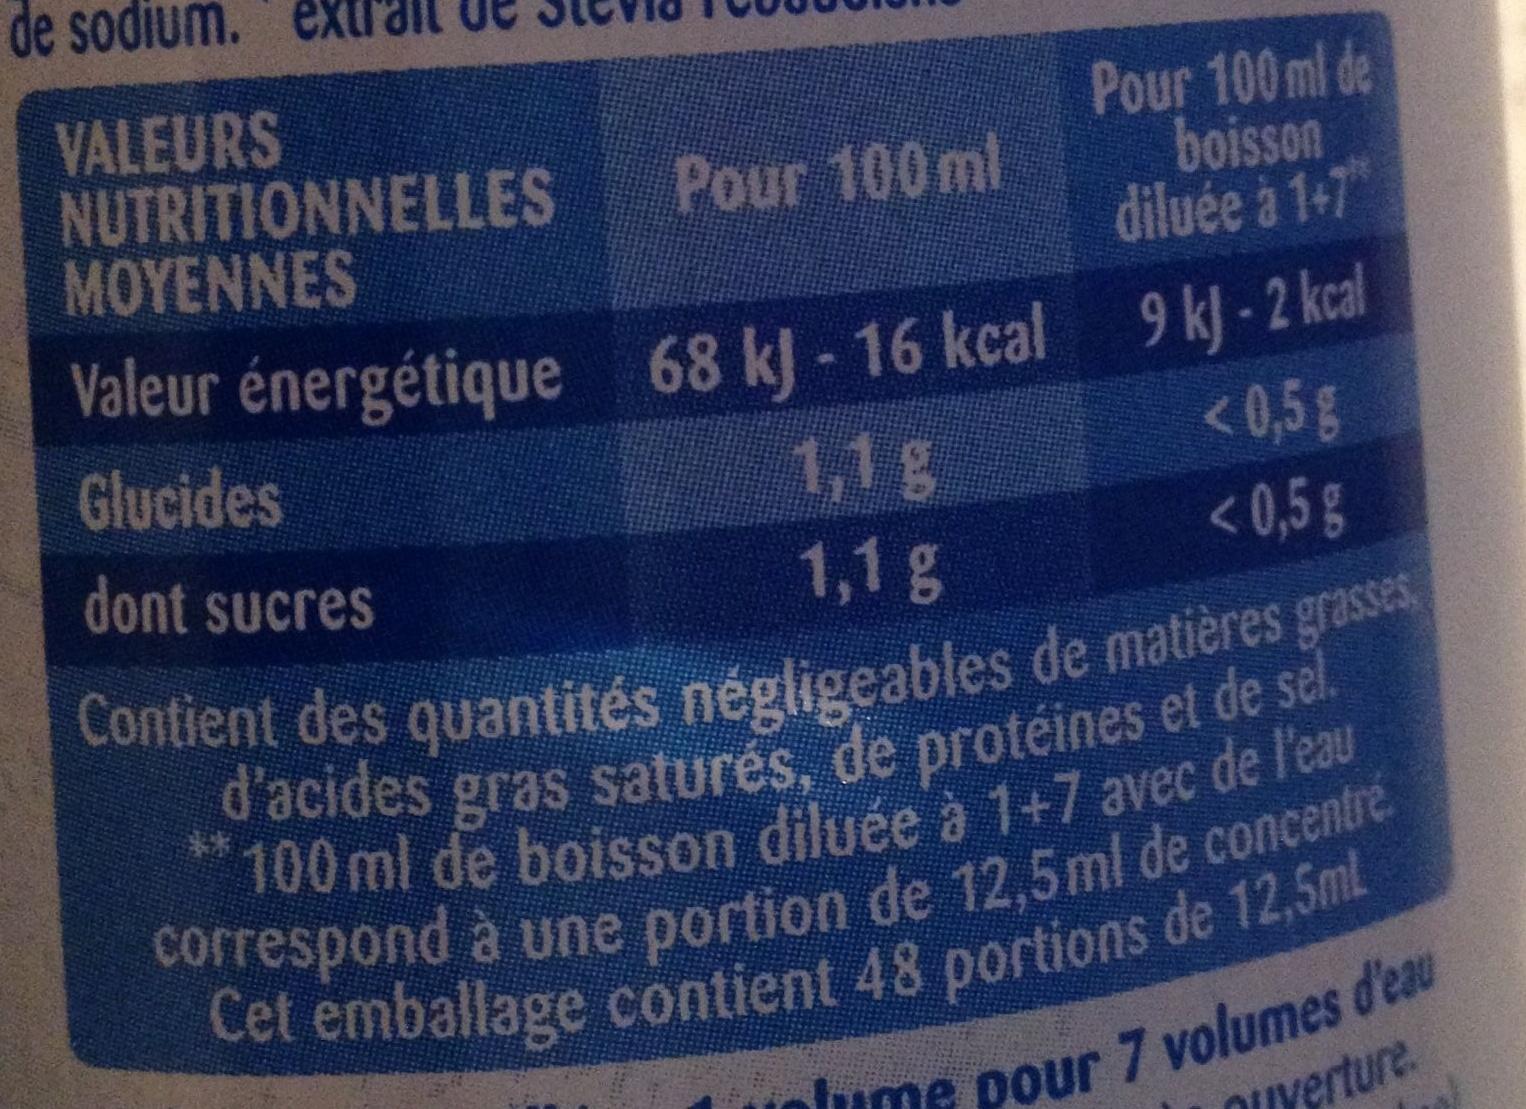 Sirop parfum grenadine 0% de sucre - Informations nutritionnelles